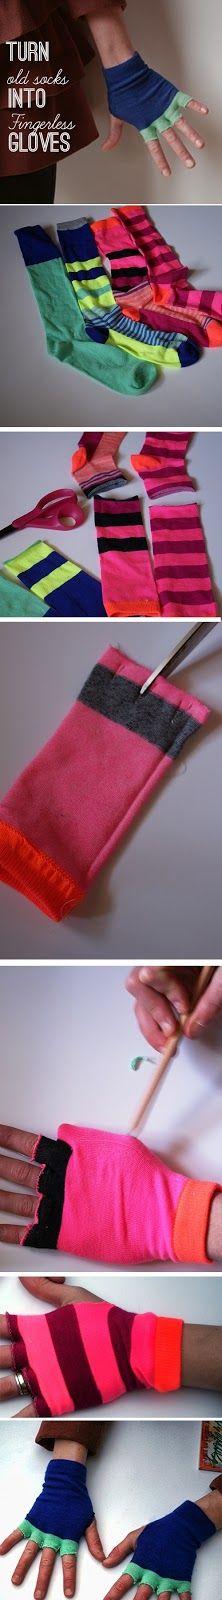 DIY gloves from old socks